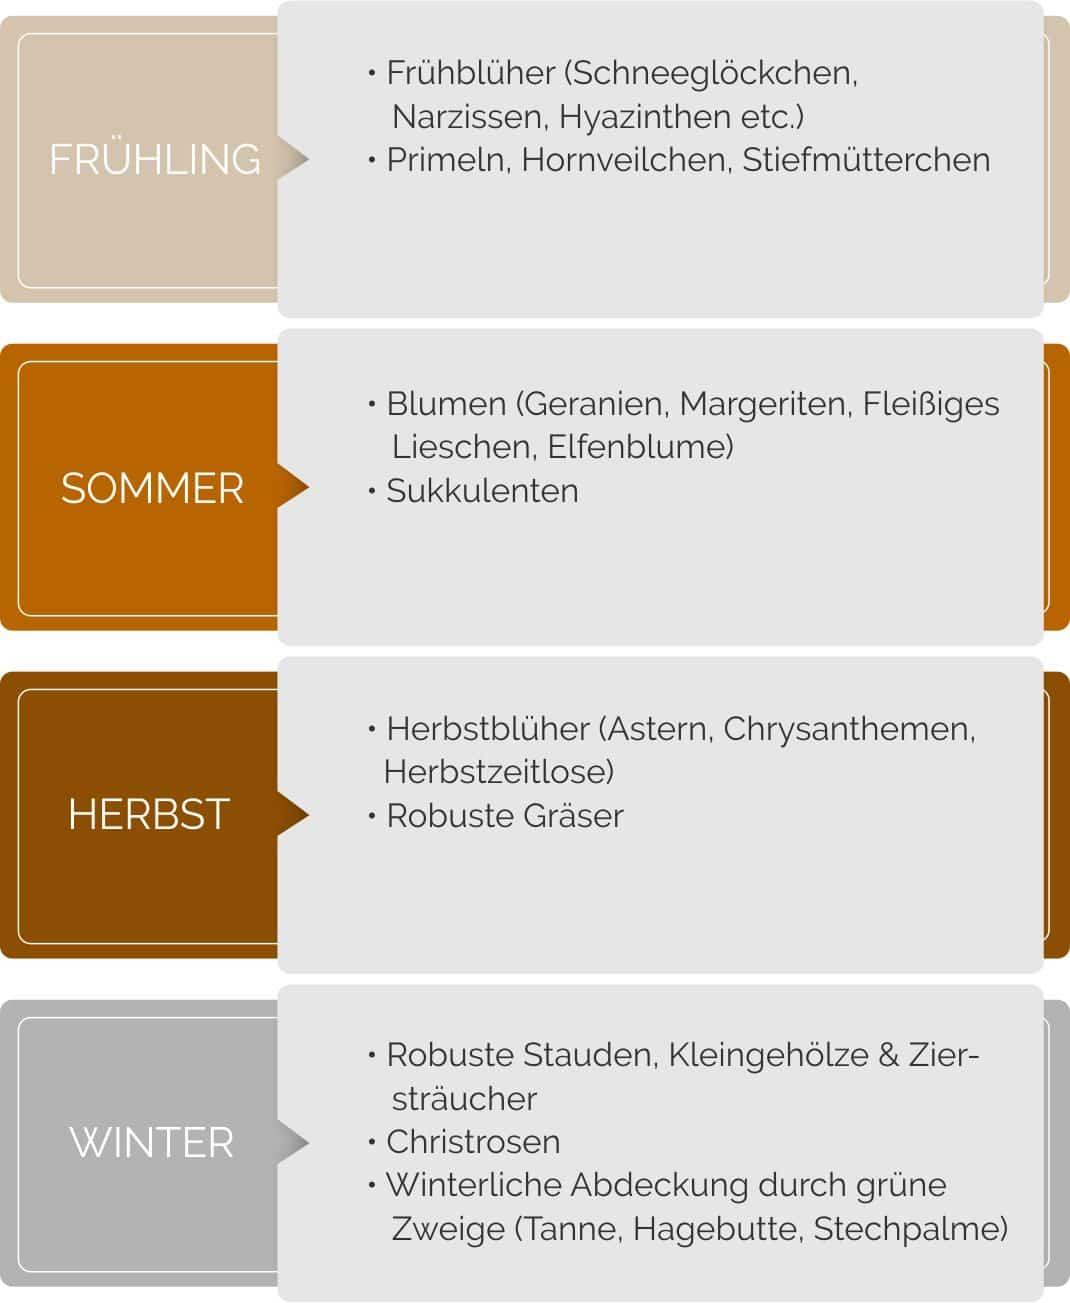 Auswahl geeigneter Grabpflanzen für jede Jahreszeit im Überblick.